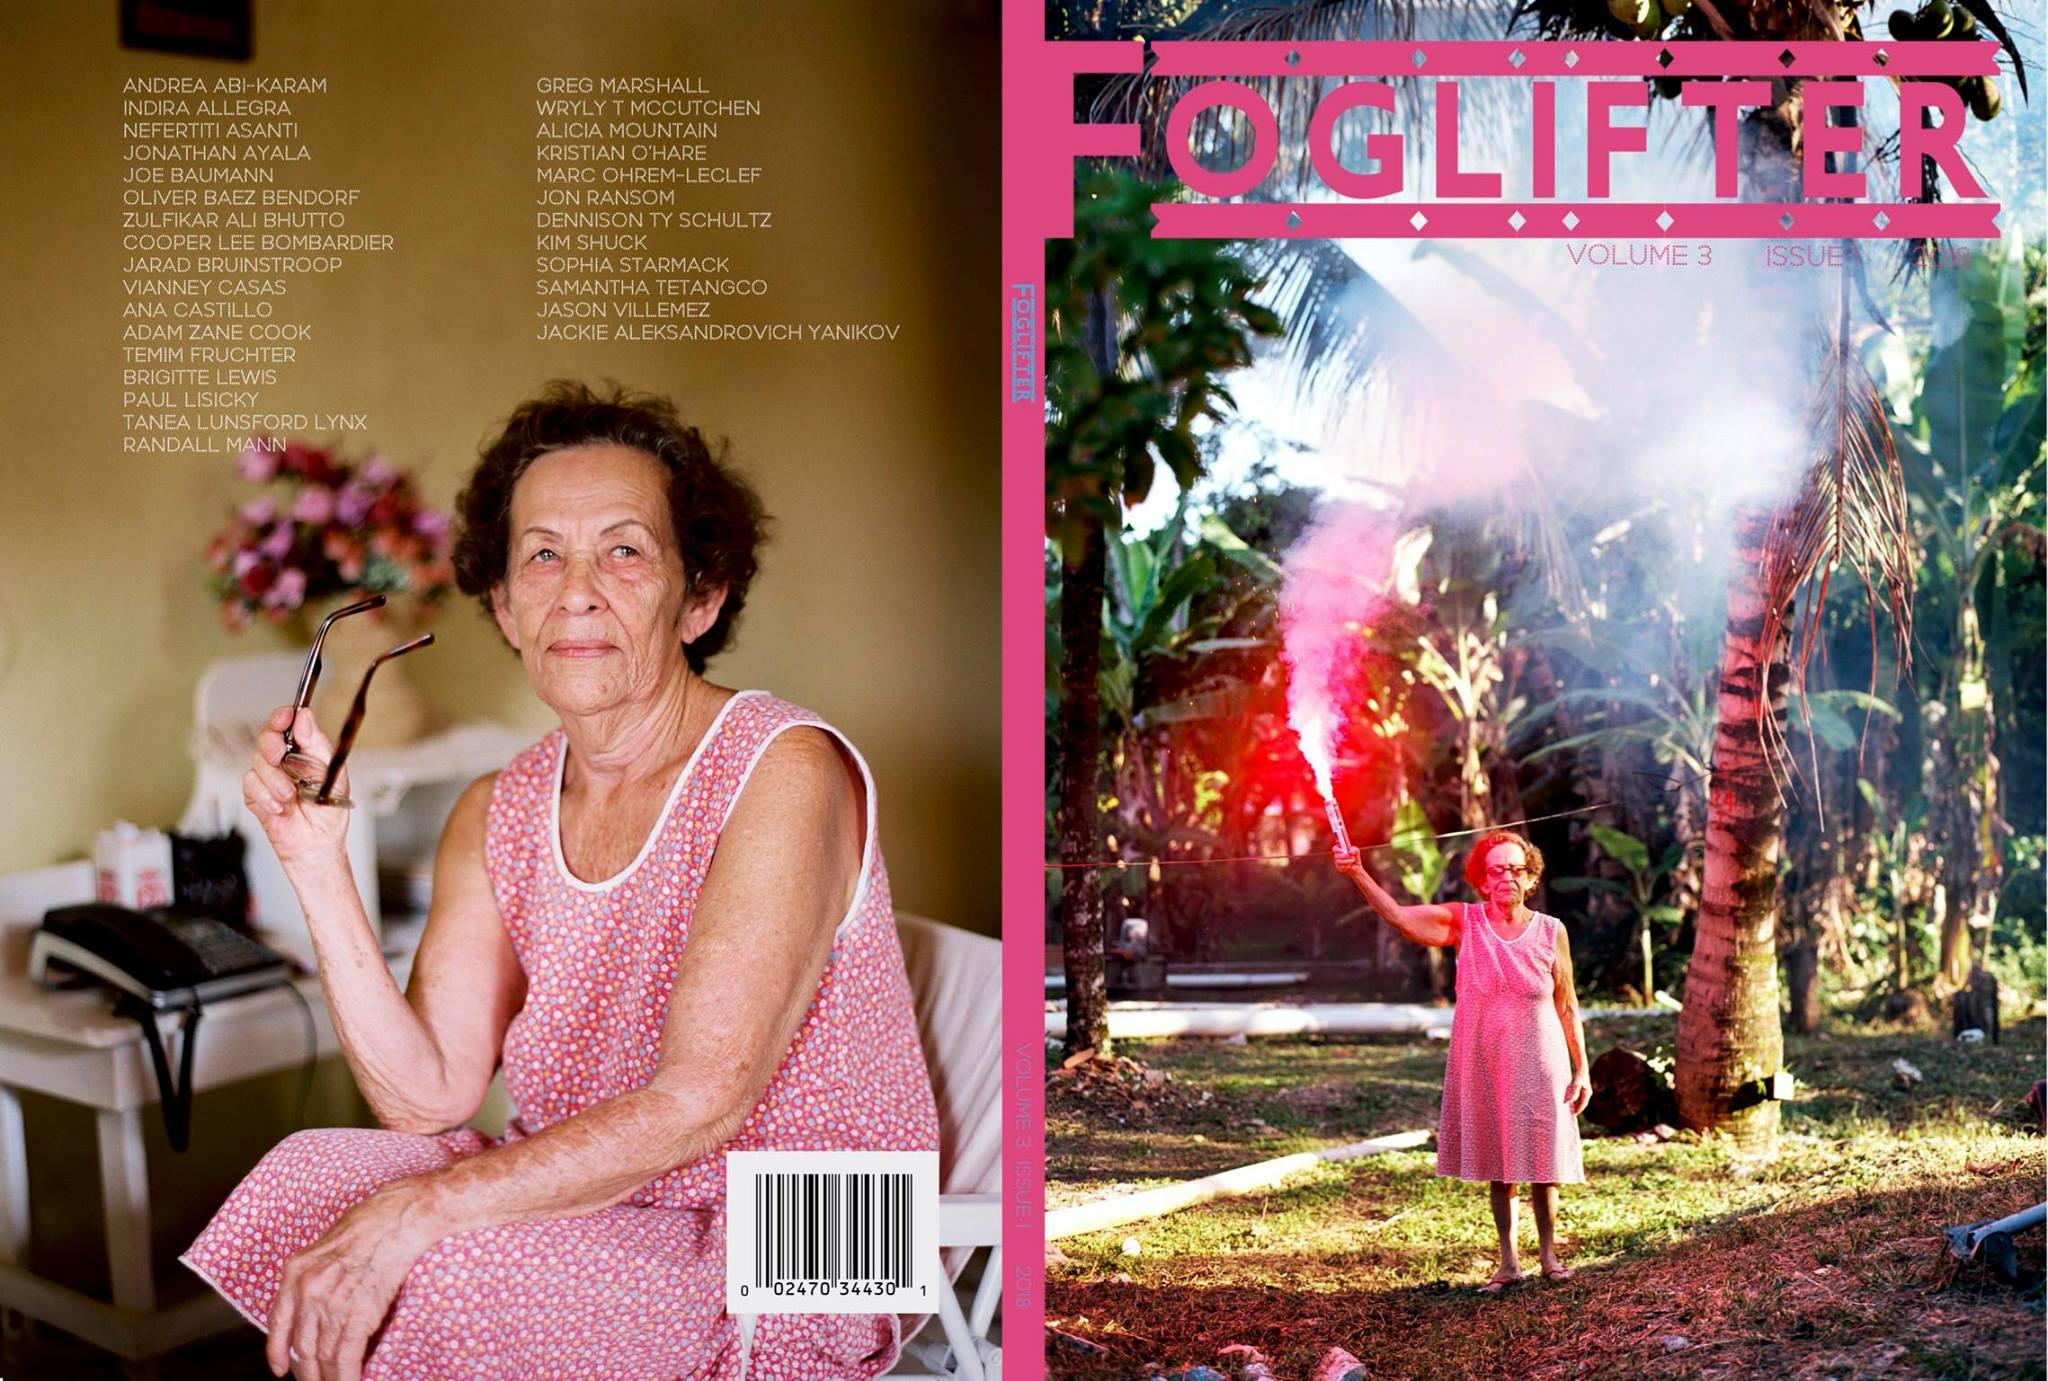 Buy Foglifter Vol 3, Issue 1